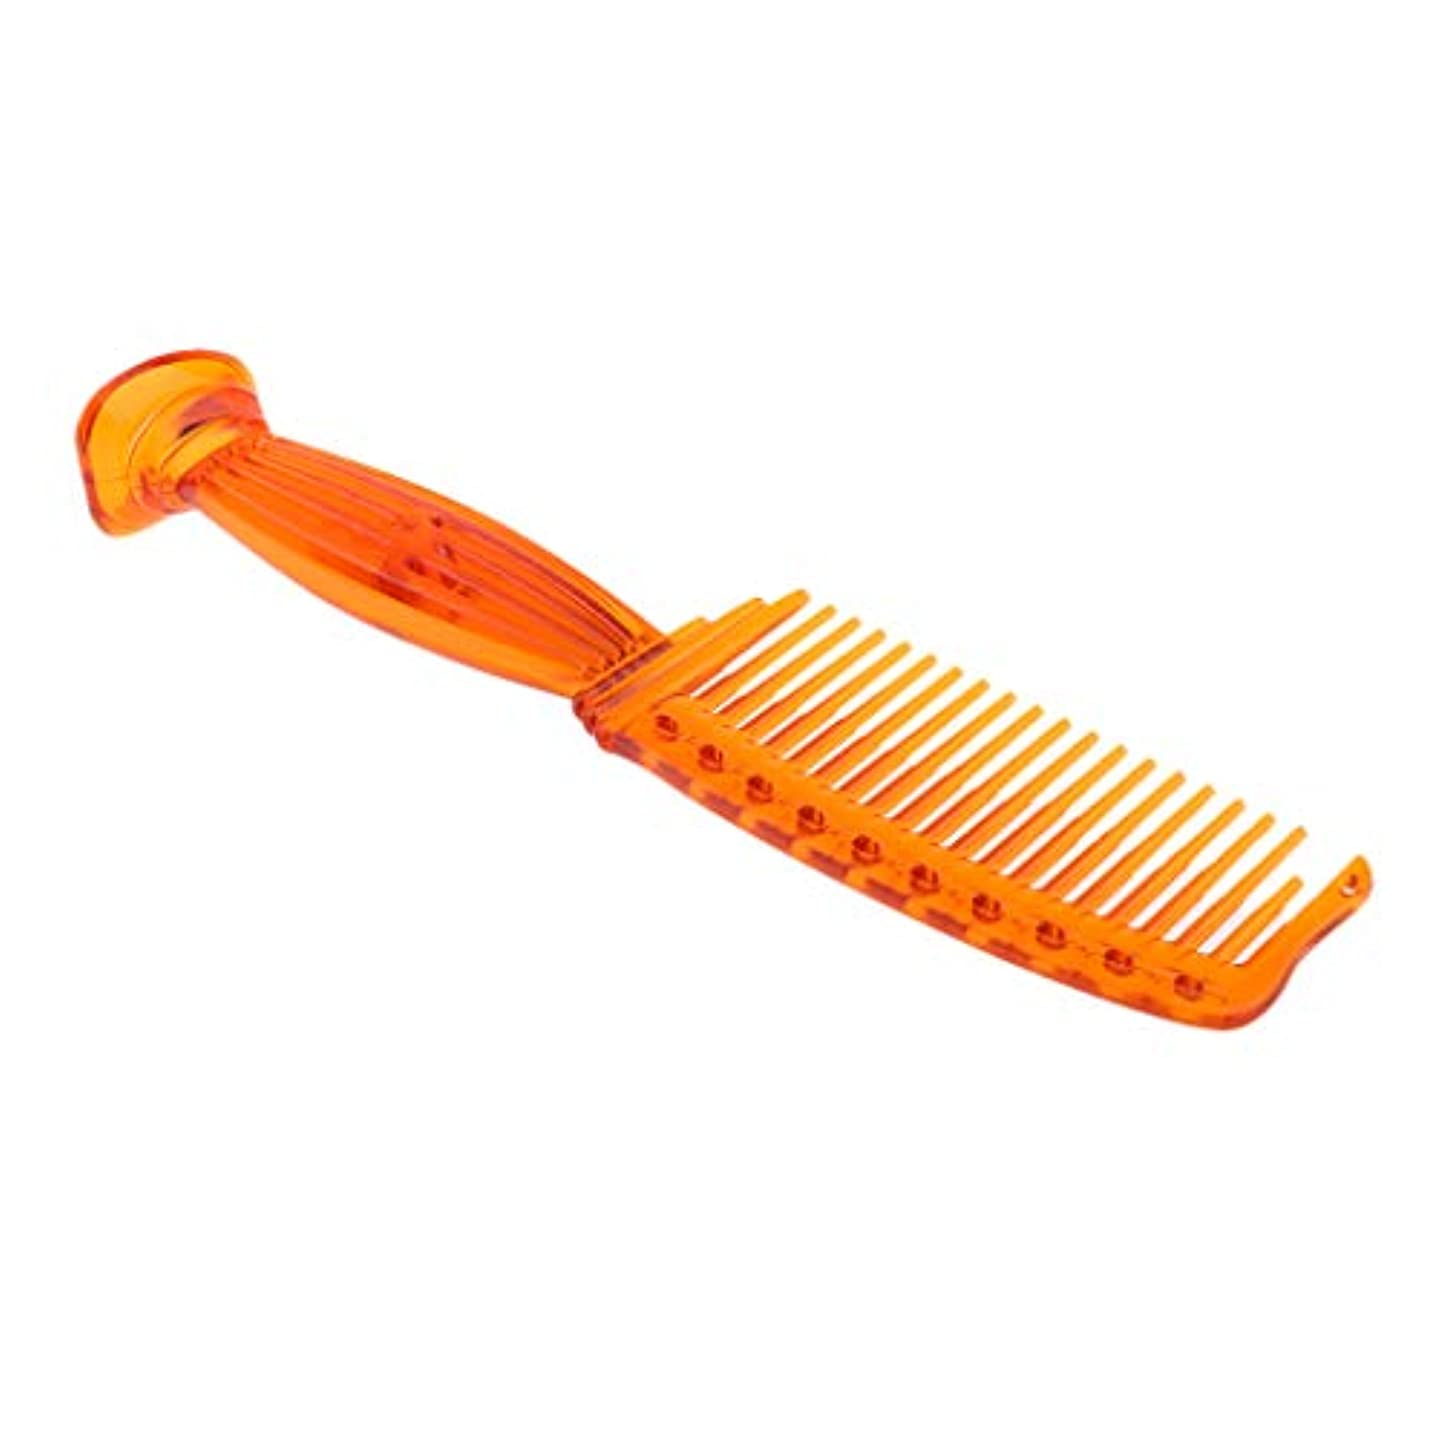 アルファベット商人部ヘアコーム ヘアブラシ ワイド歯 プラスチック プロ ヘアサロン 理髪師 全5色選べ - オレンジ